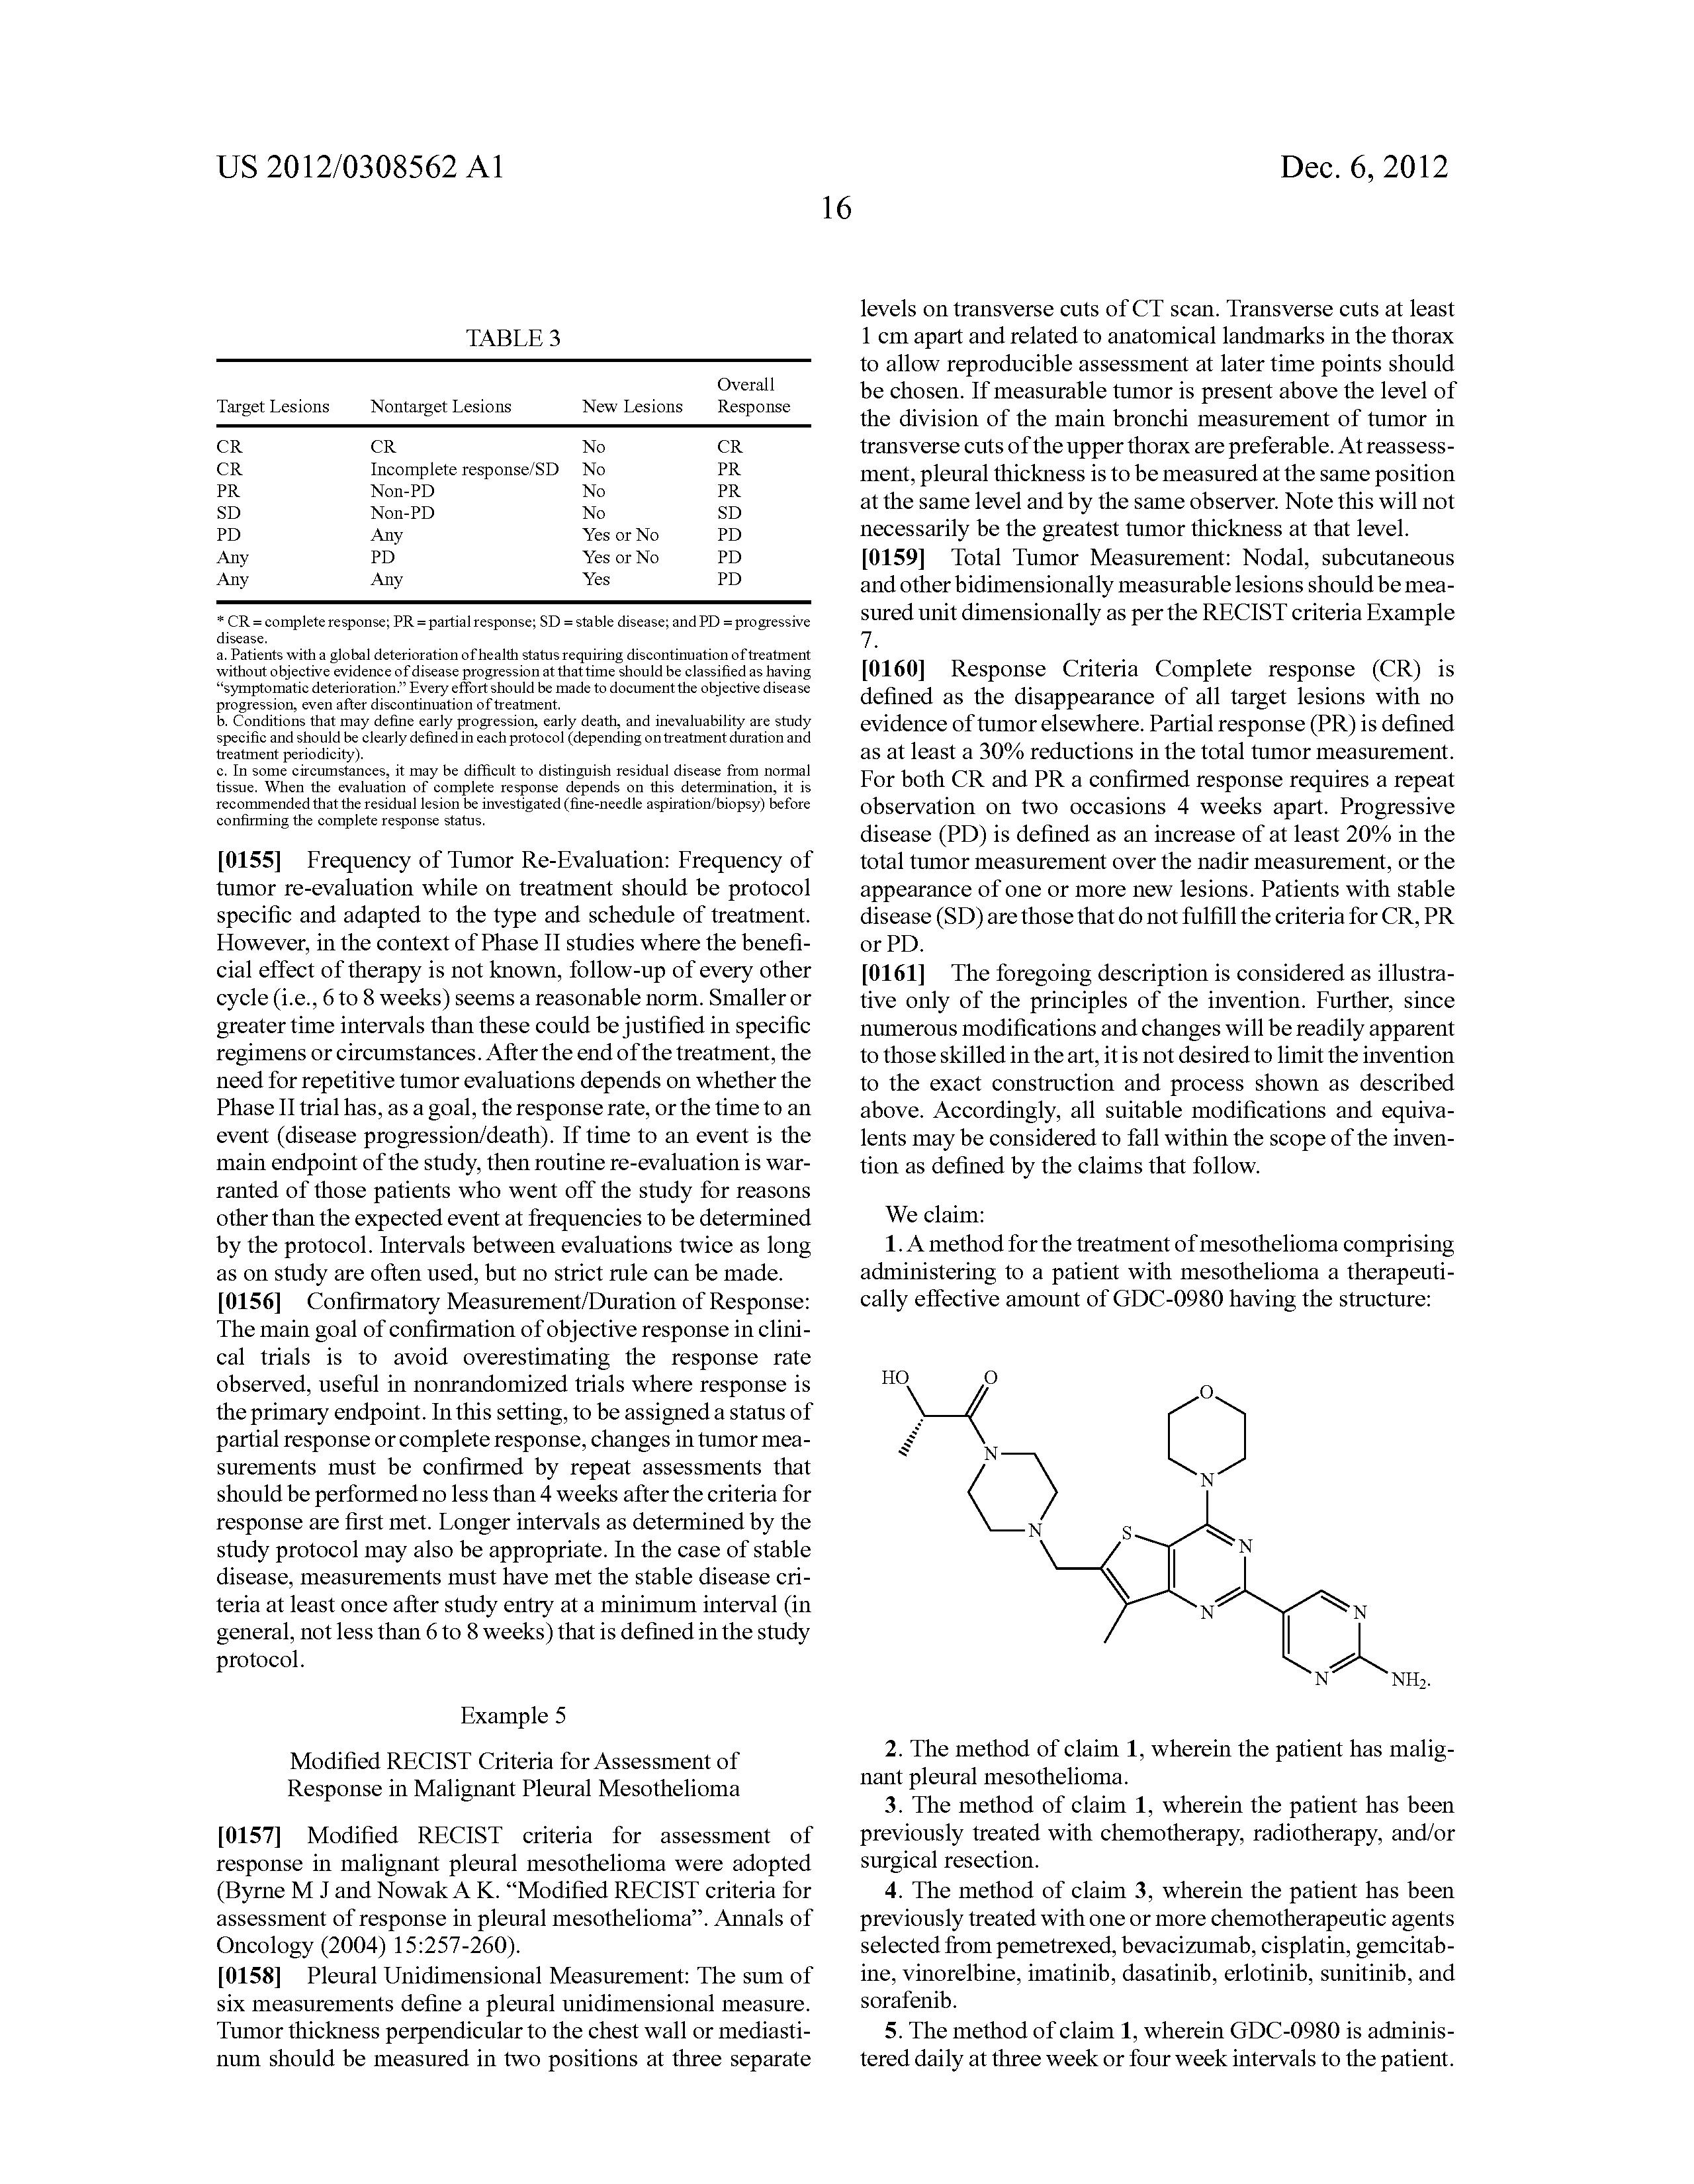 Lysox 600 mg bijsluiter nolvadex